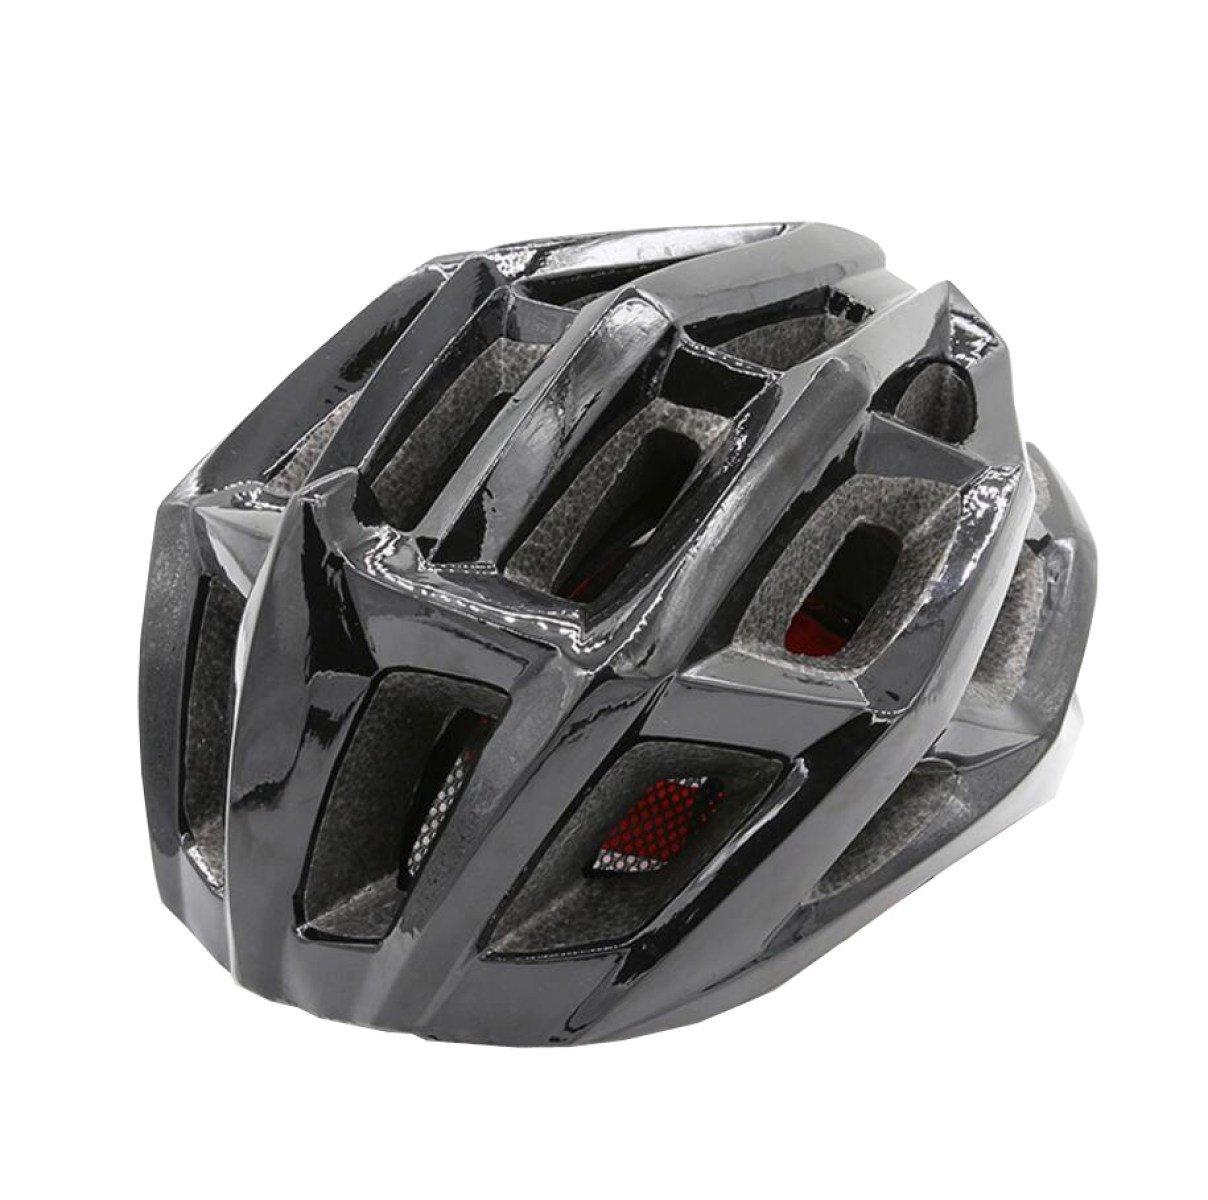 Erwachsene Helm Fahrrad Rad Skating Helm Einstellbare Klettern Helm Sportliche Schutzausrüstung,schwarz